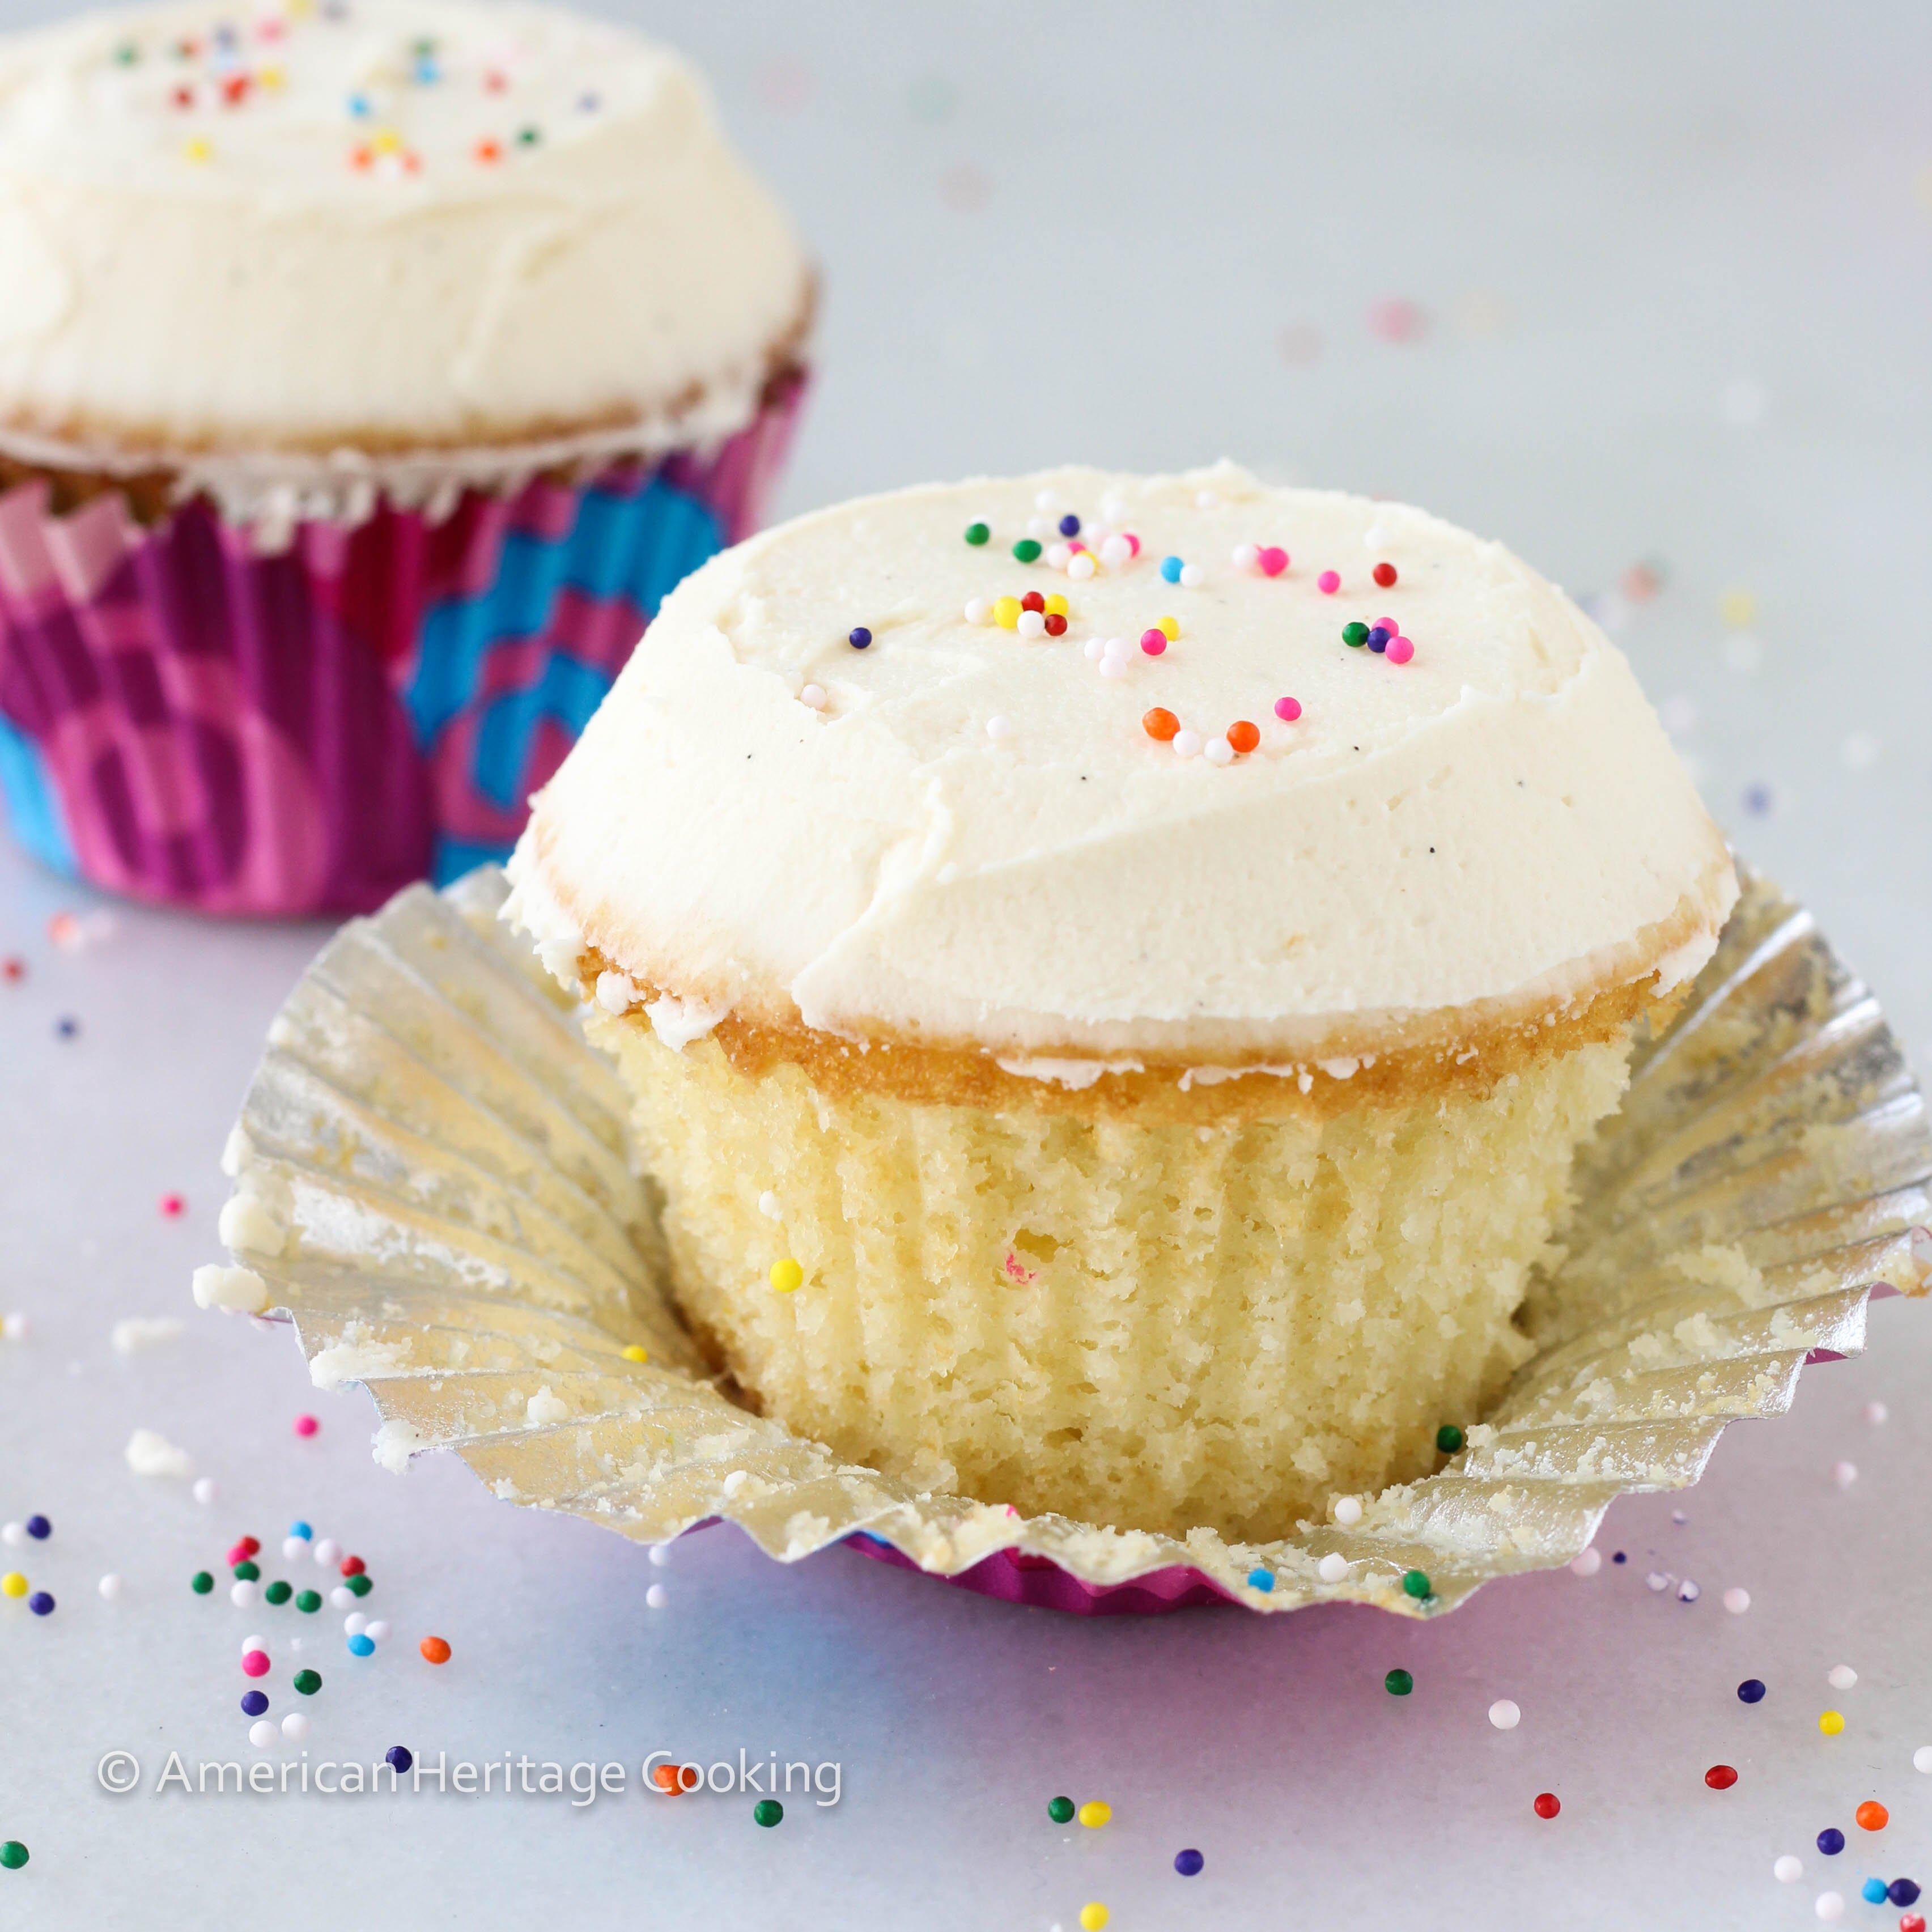 Sprinkles Copycat Vanilla Cupcakes - American Heritage Cooking